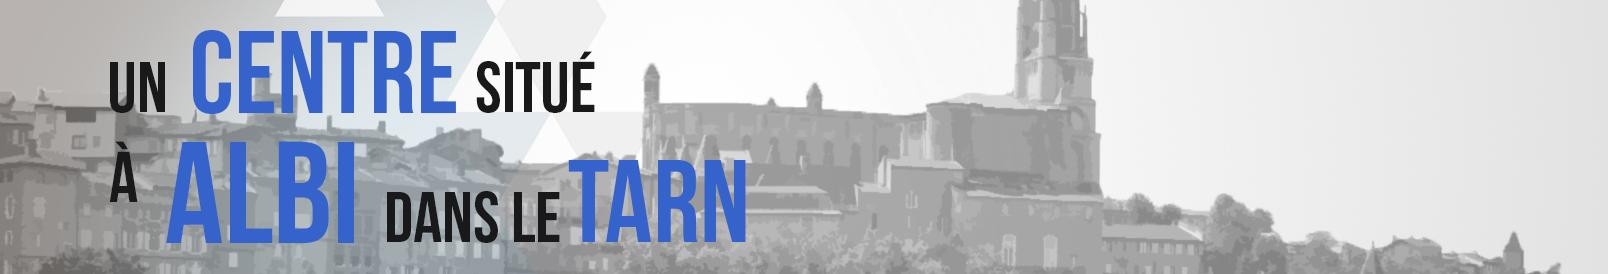 Action Formation 81, centre de formation à Albi dans le Tarn